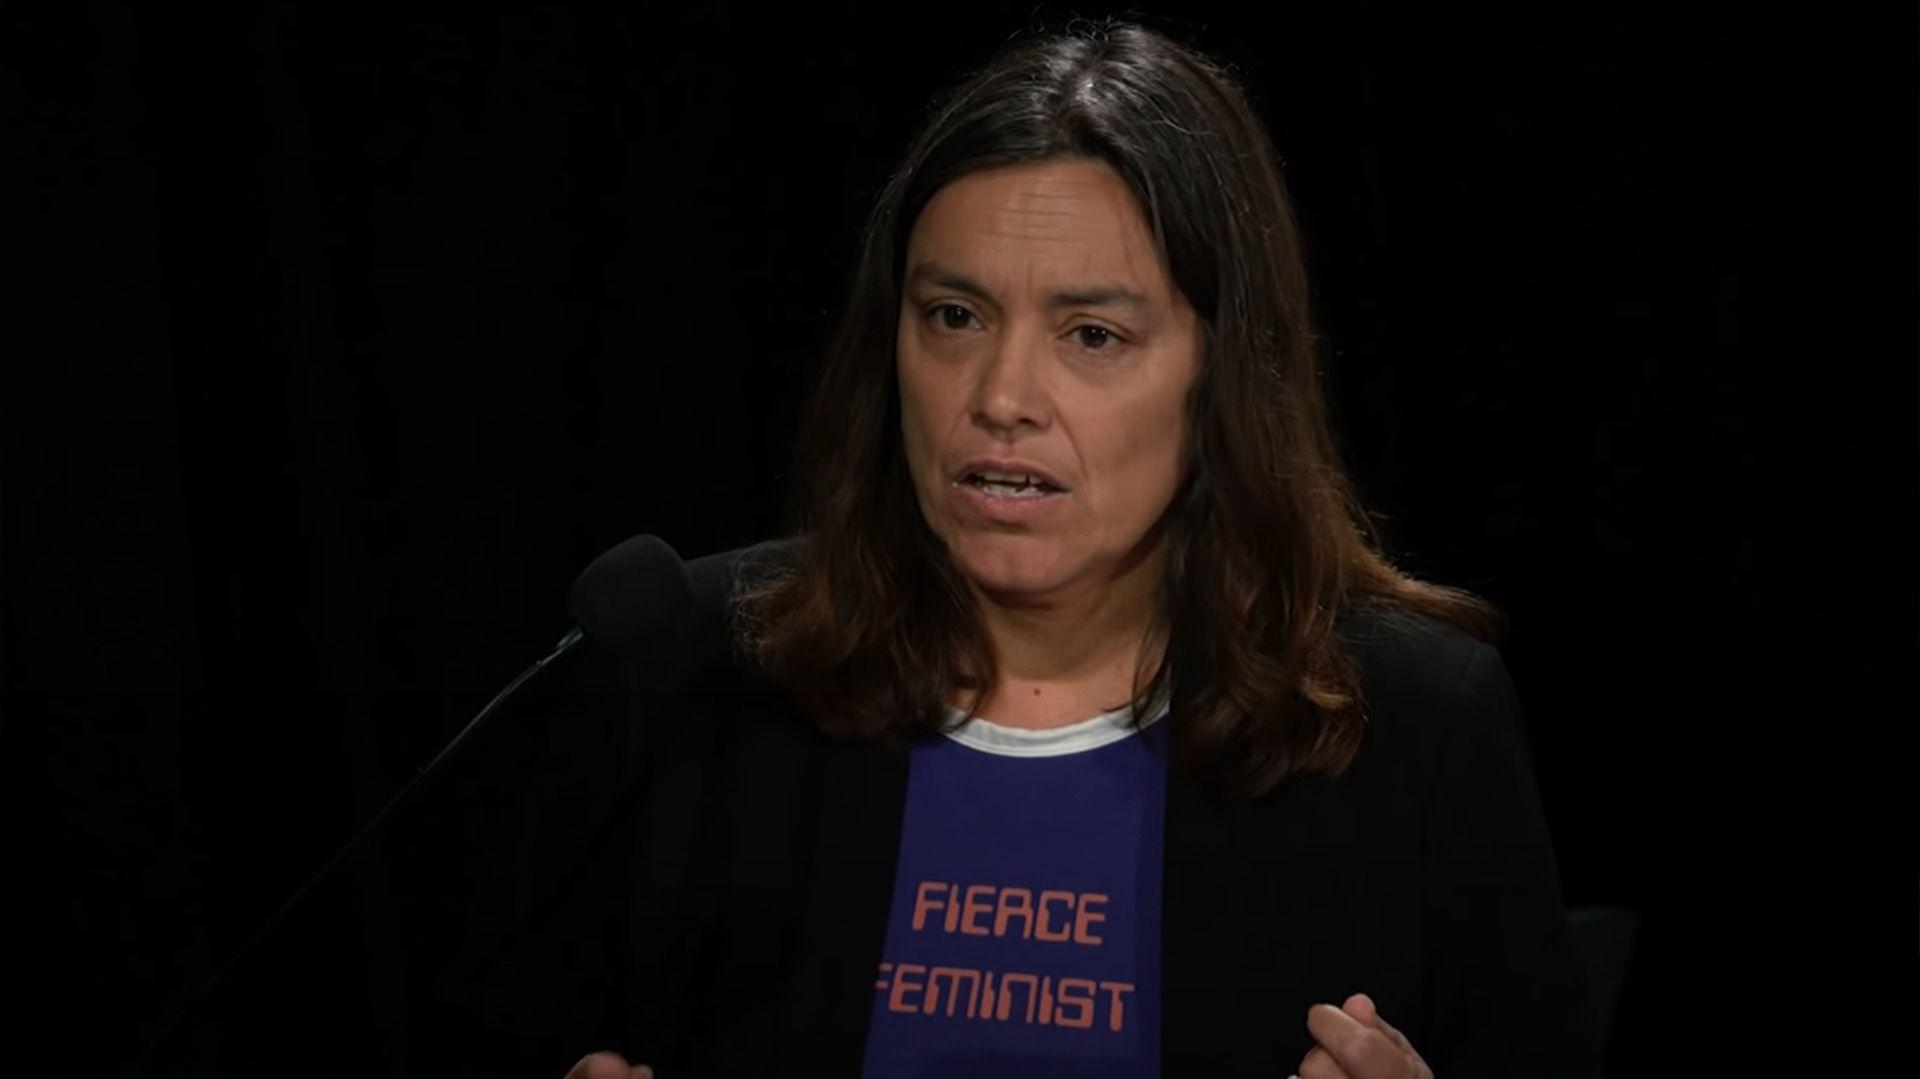 """Sara Ahmed: """"Ser una feminista aguafiestas no implica ser desdichada y estar triste, no es una condena"""""""